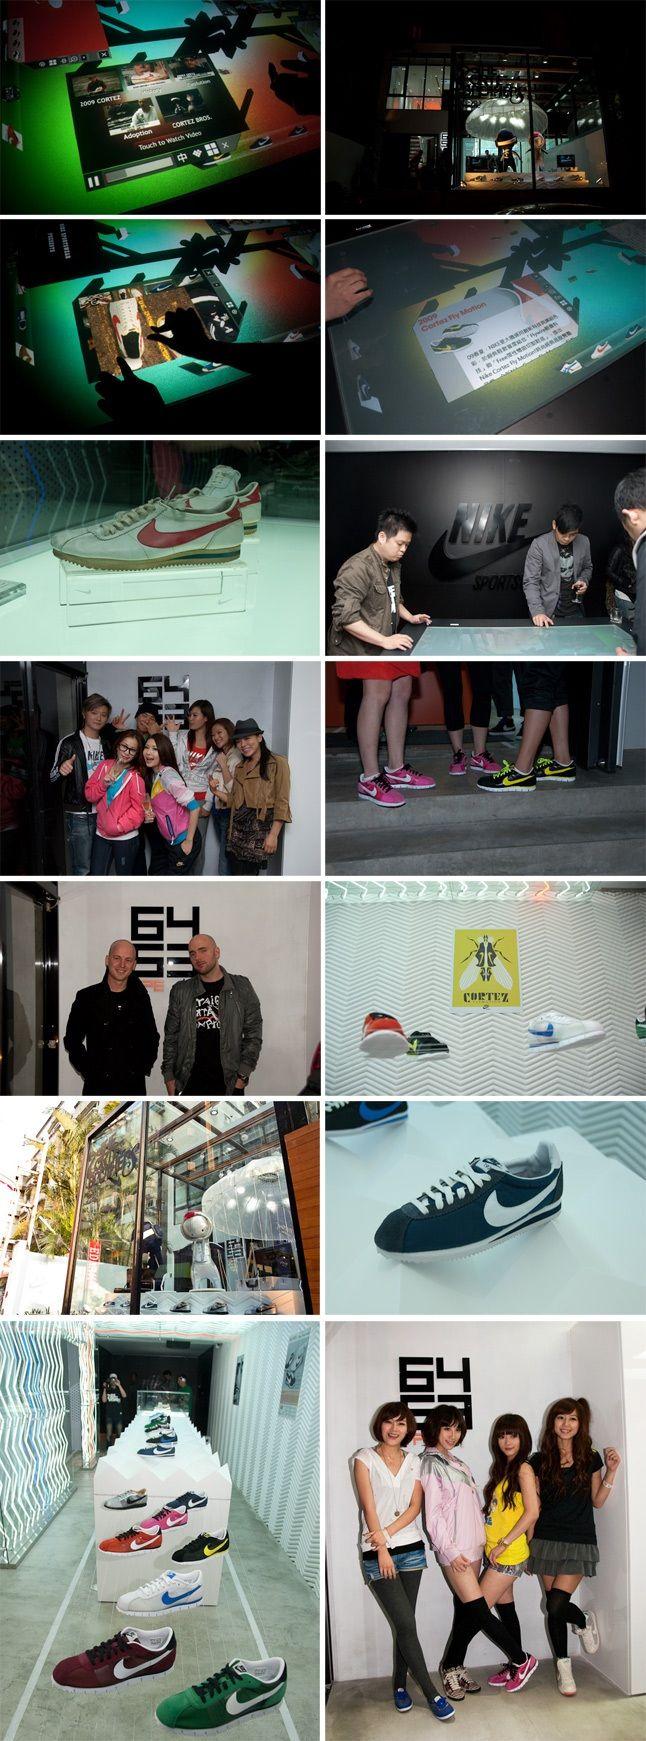 Nike Tpe 6453 Launch Pics 1